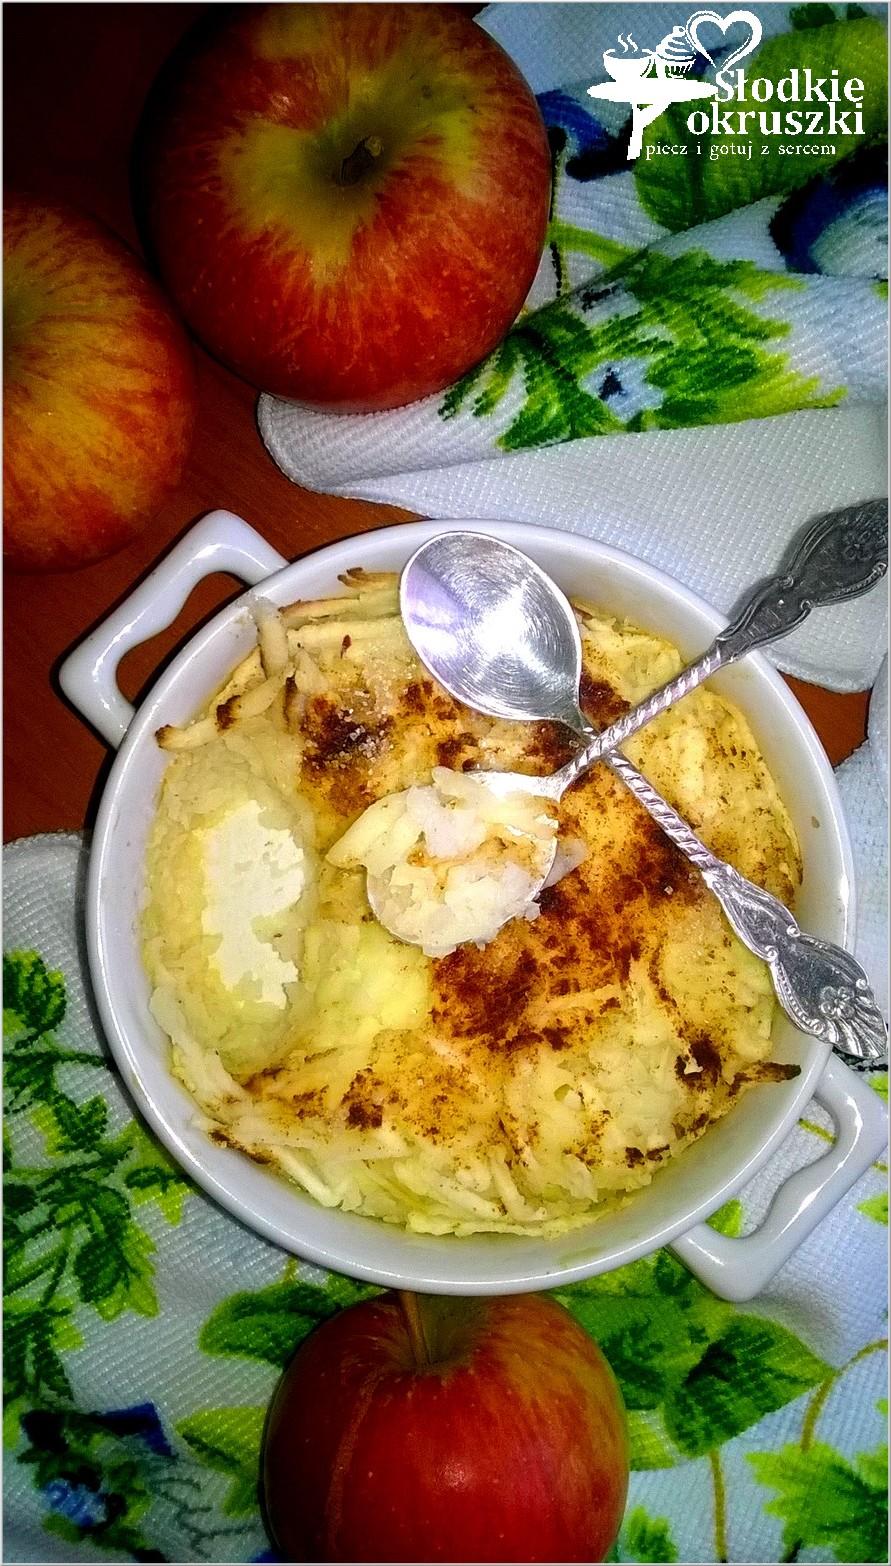 Zapiekany deser ryżowo-jabłkowy z cynamonem.